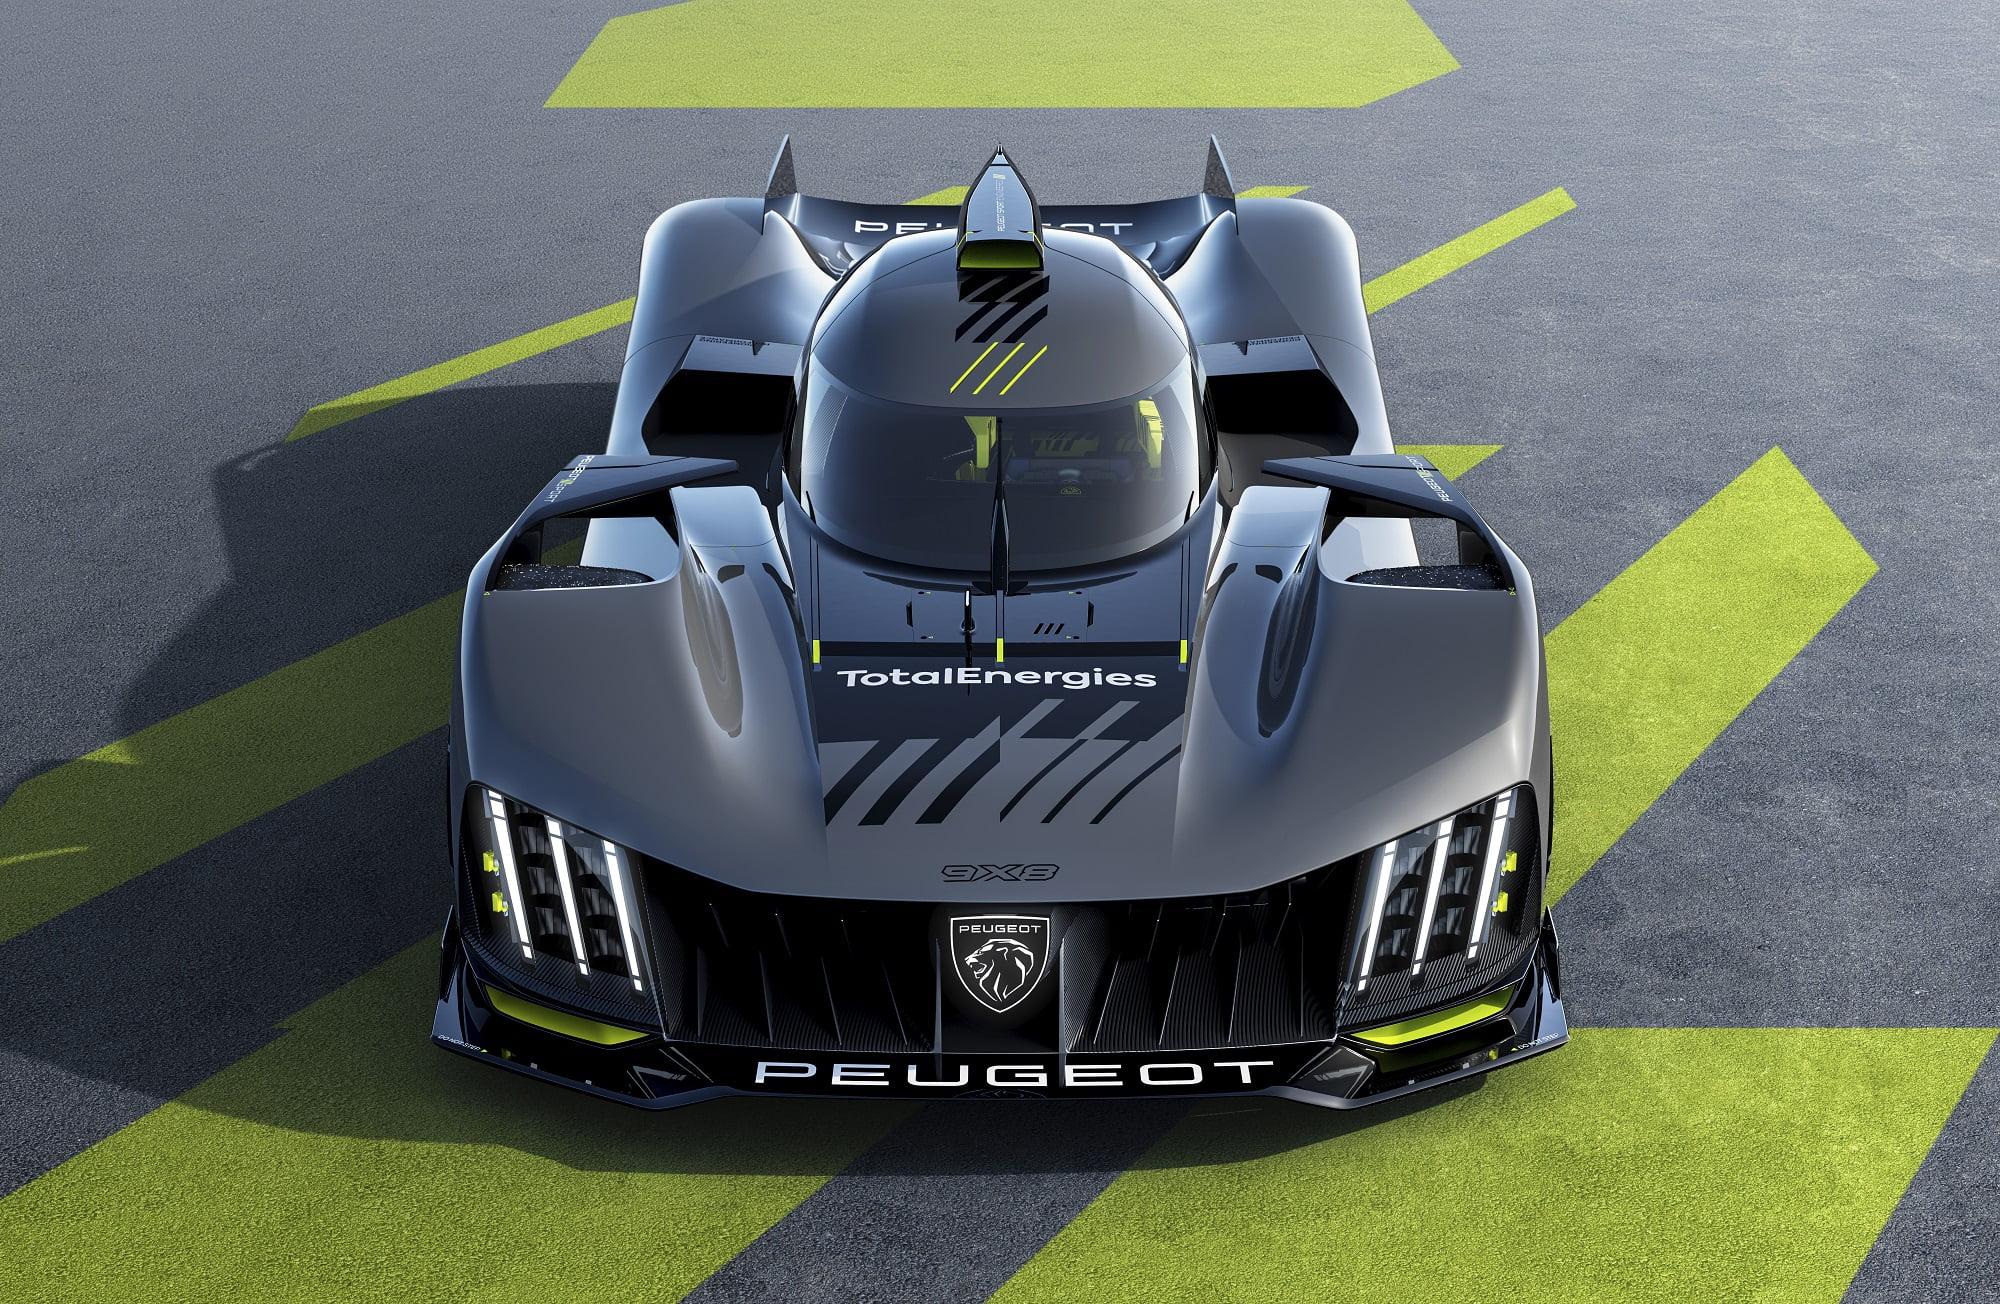 Peugeot imzalı 9X8 Le Mans Hypercar tanıtıldı